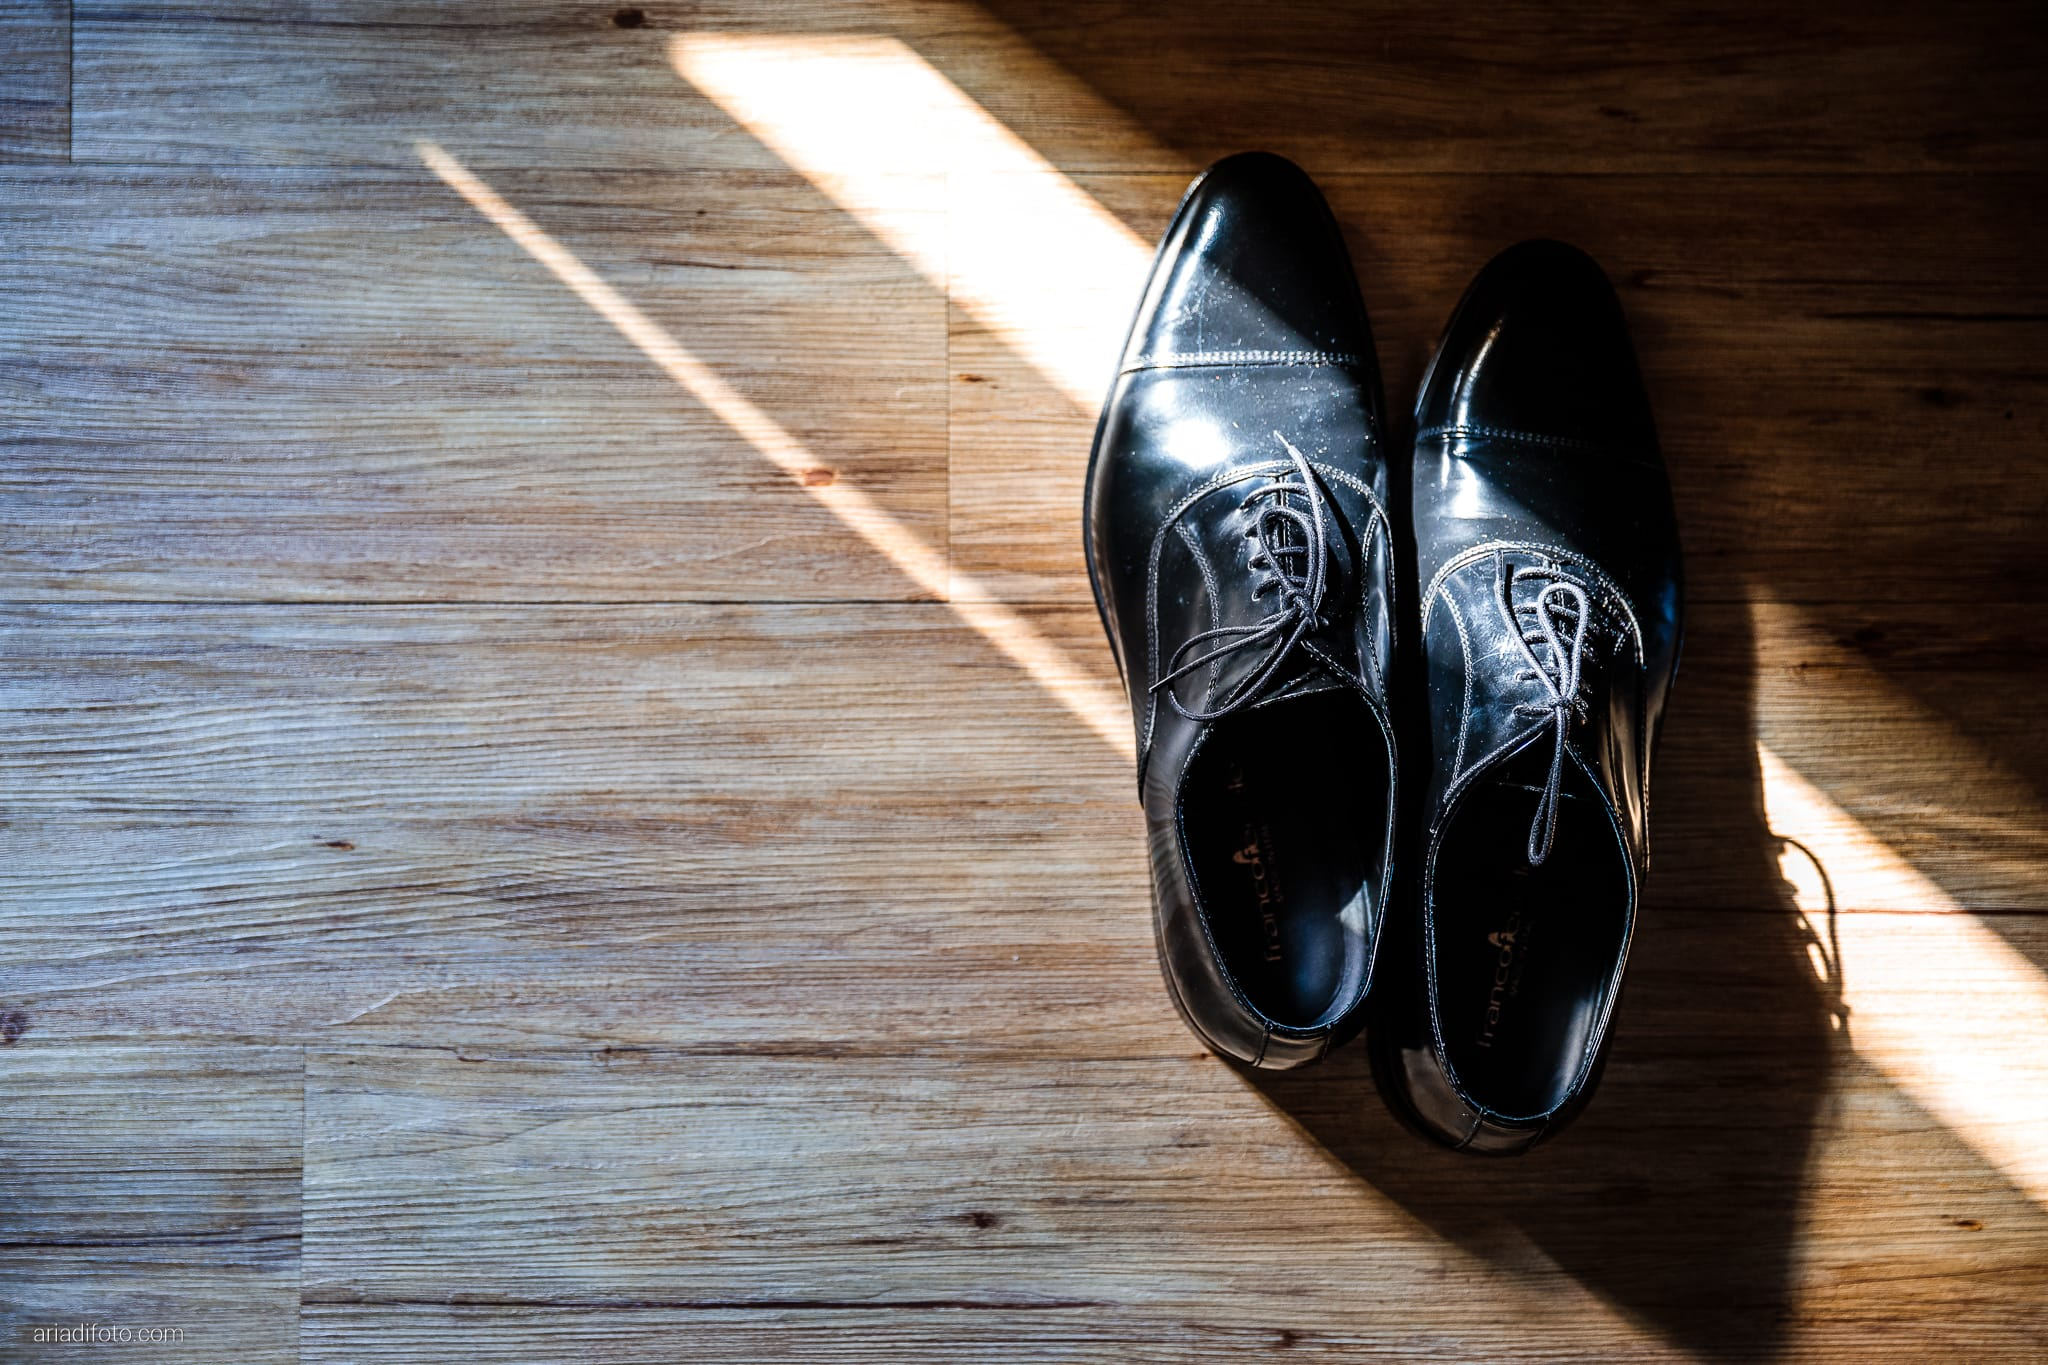 Rosylenia Luca Matrimonio Duino Ristorante Napoleone Castions Udine preparativi sposo dettagli scarpe